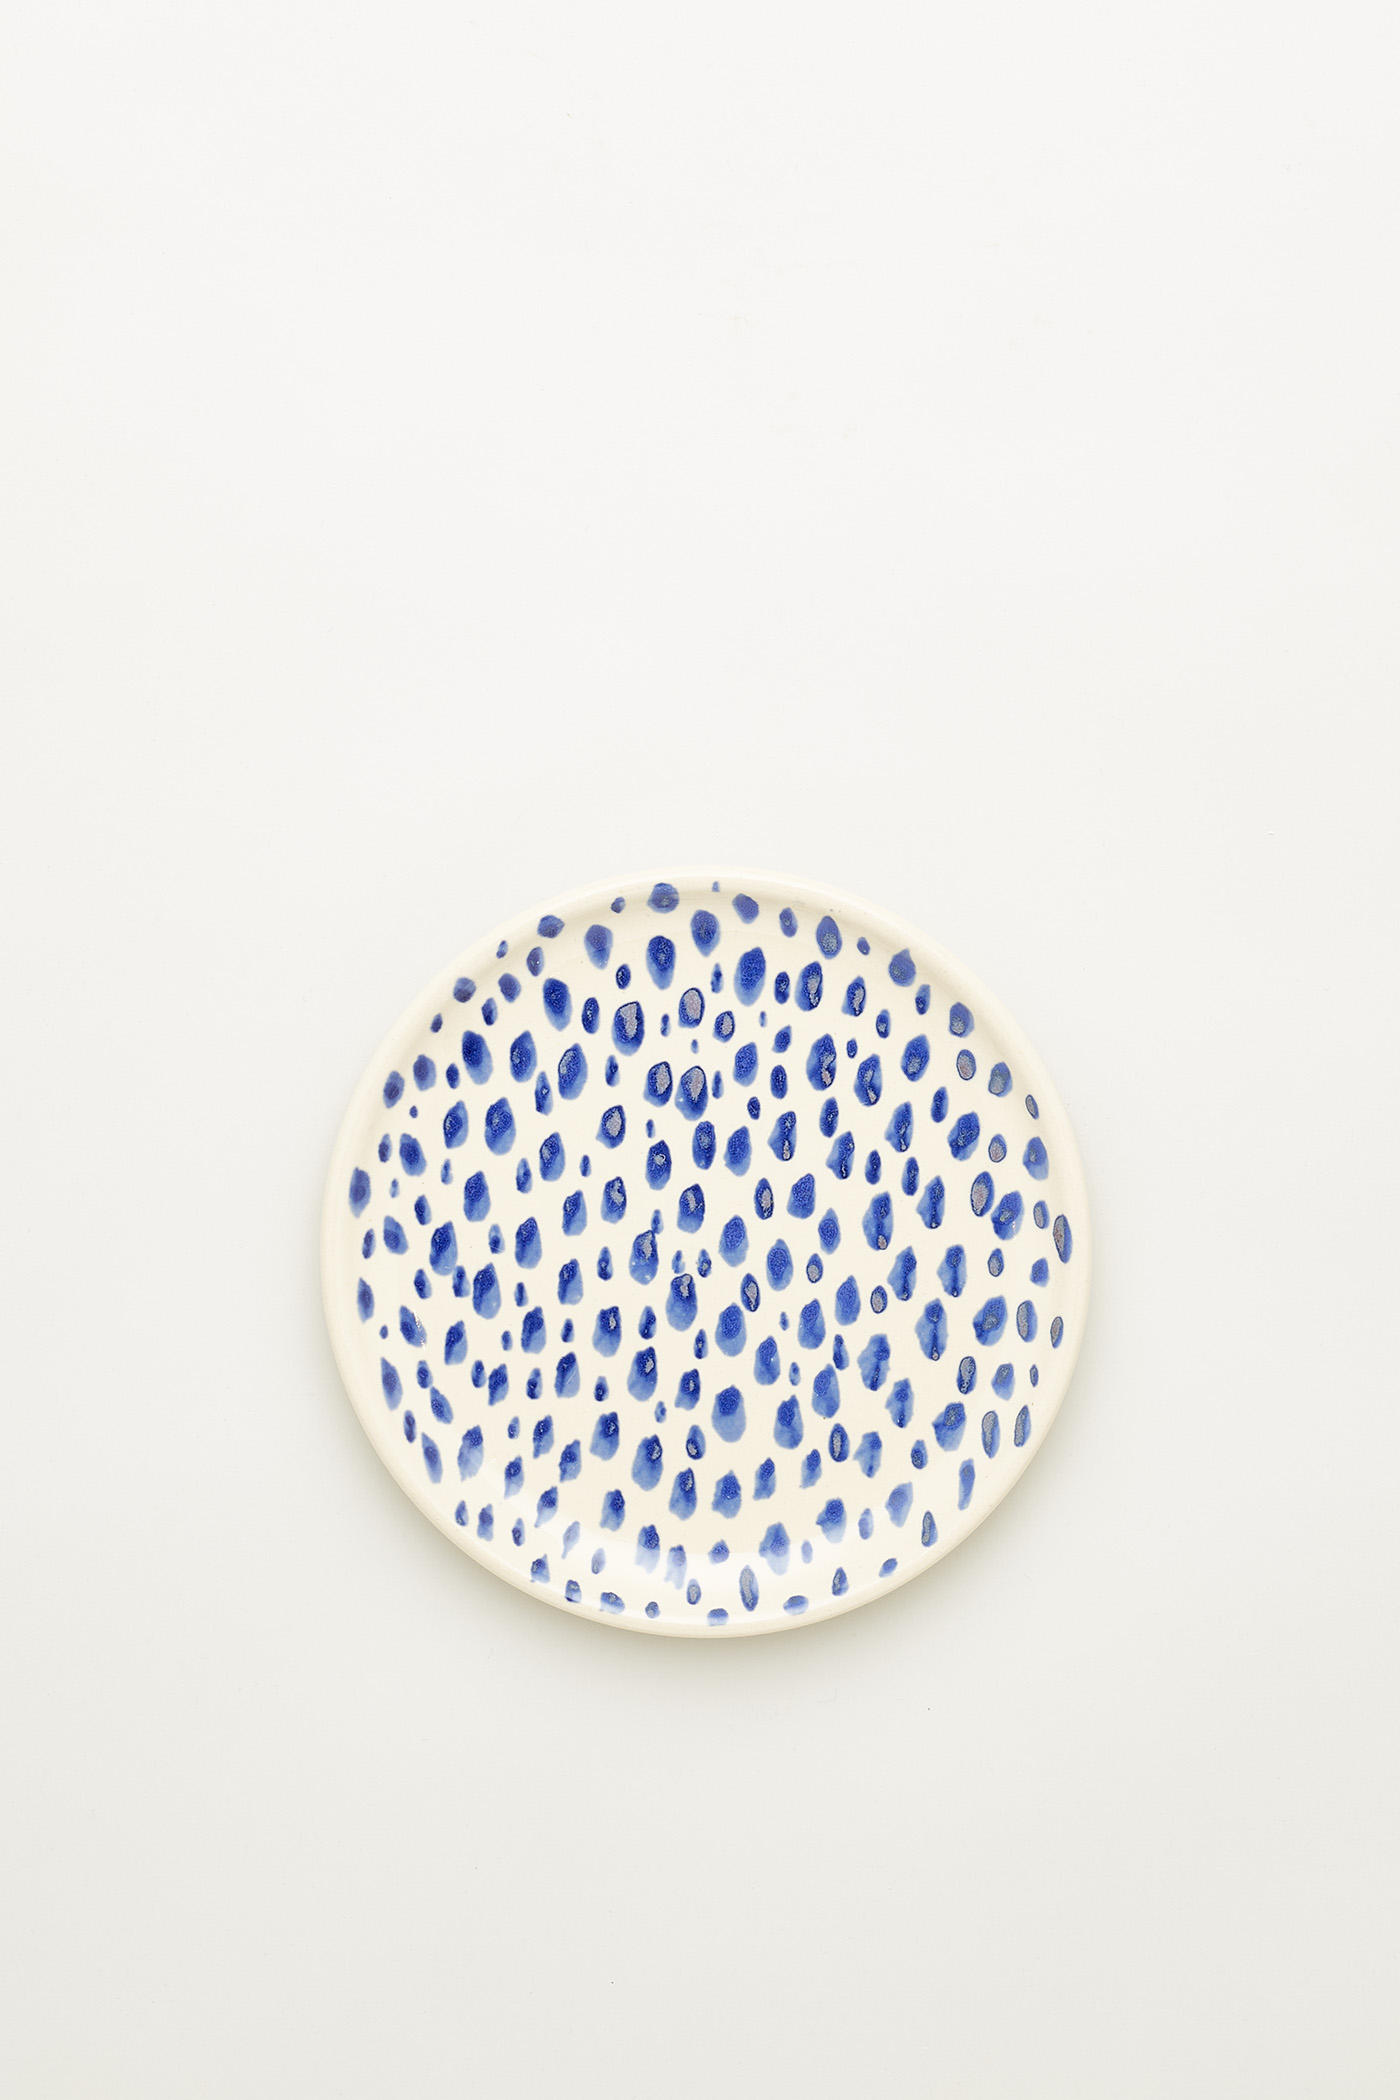 Tuhu Ceramics Western Round Plate